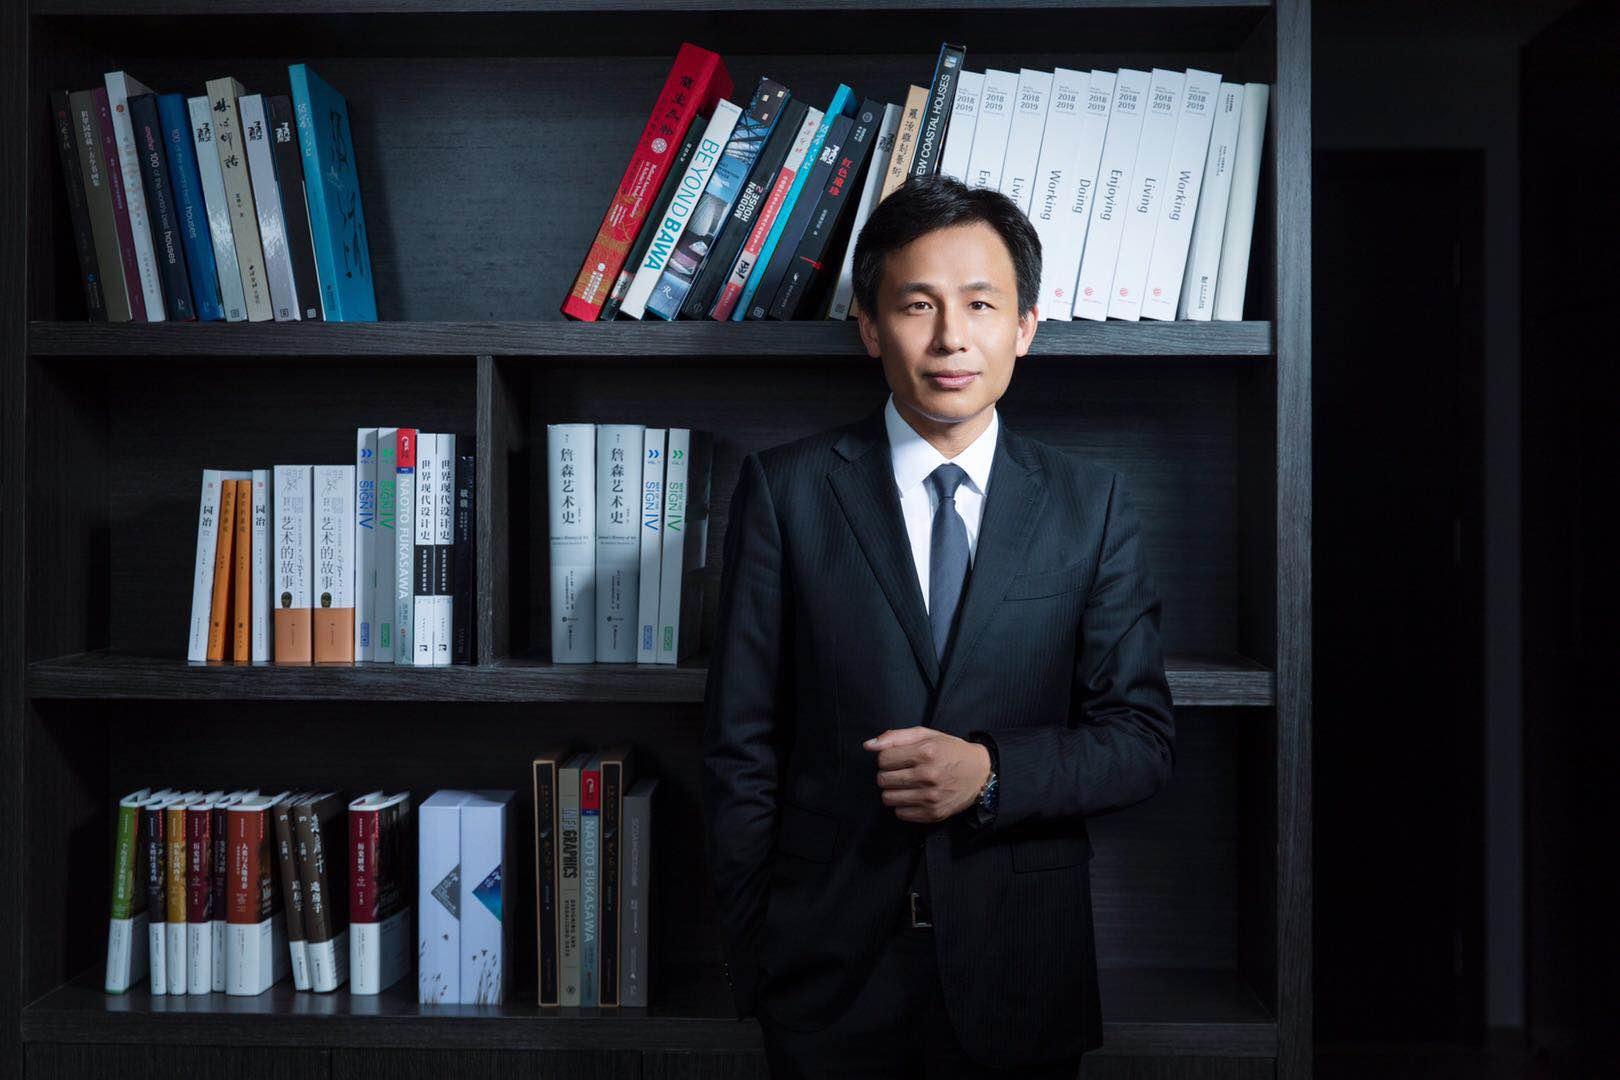 中国智慧教室出海 网龙CEO熊立谈互联网成功之道